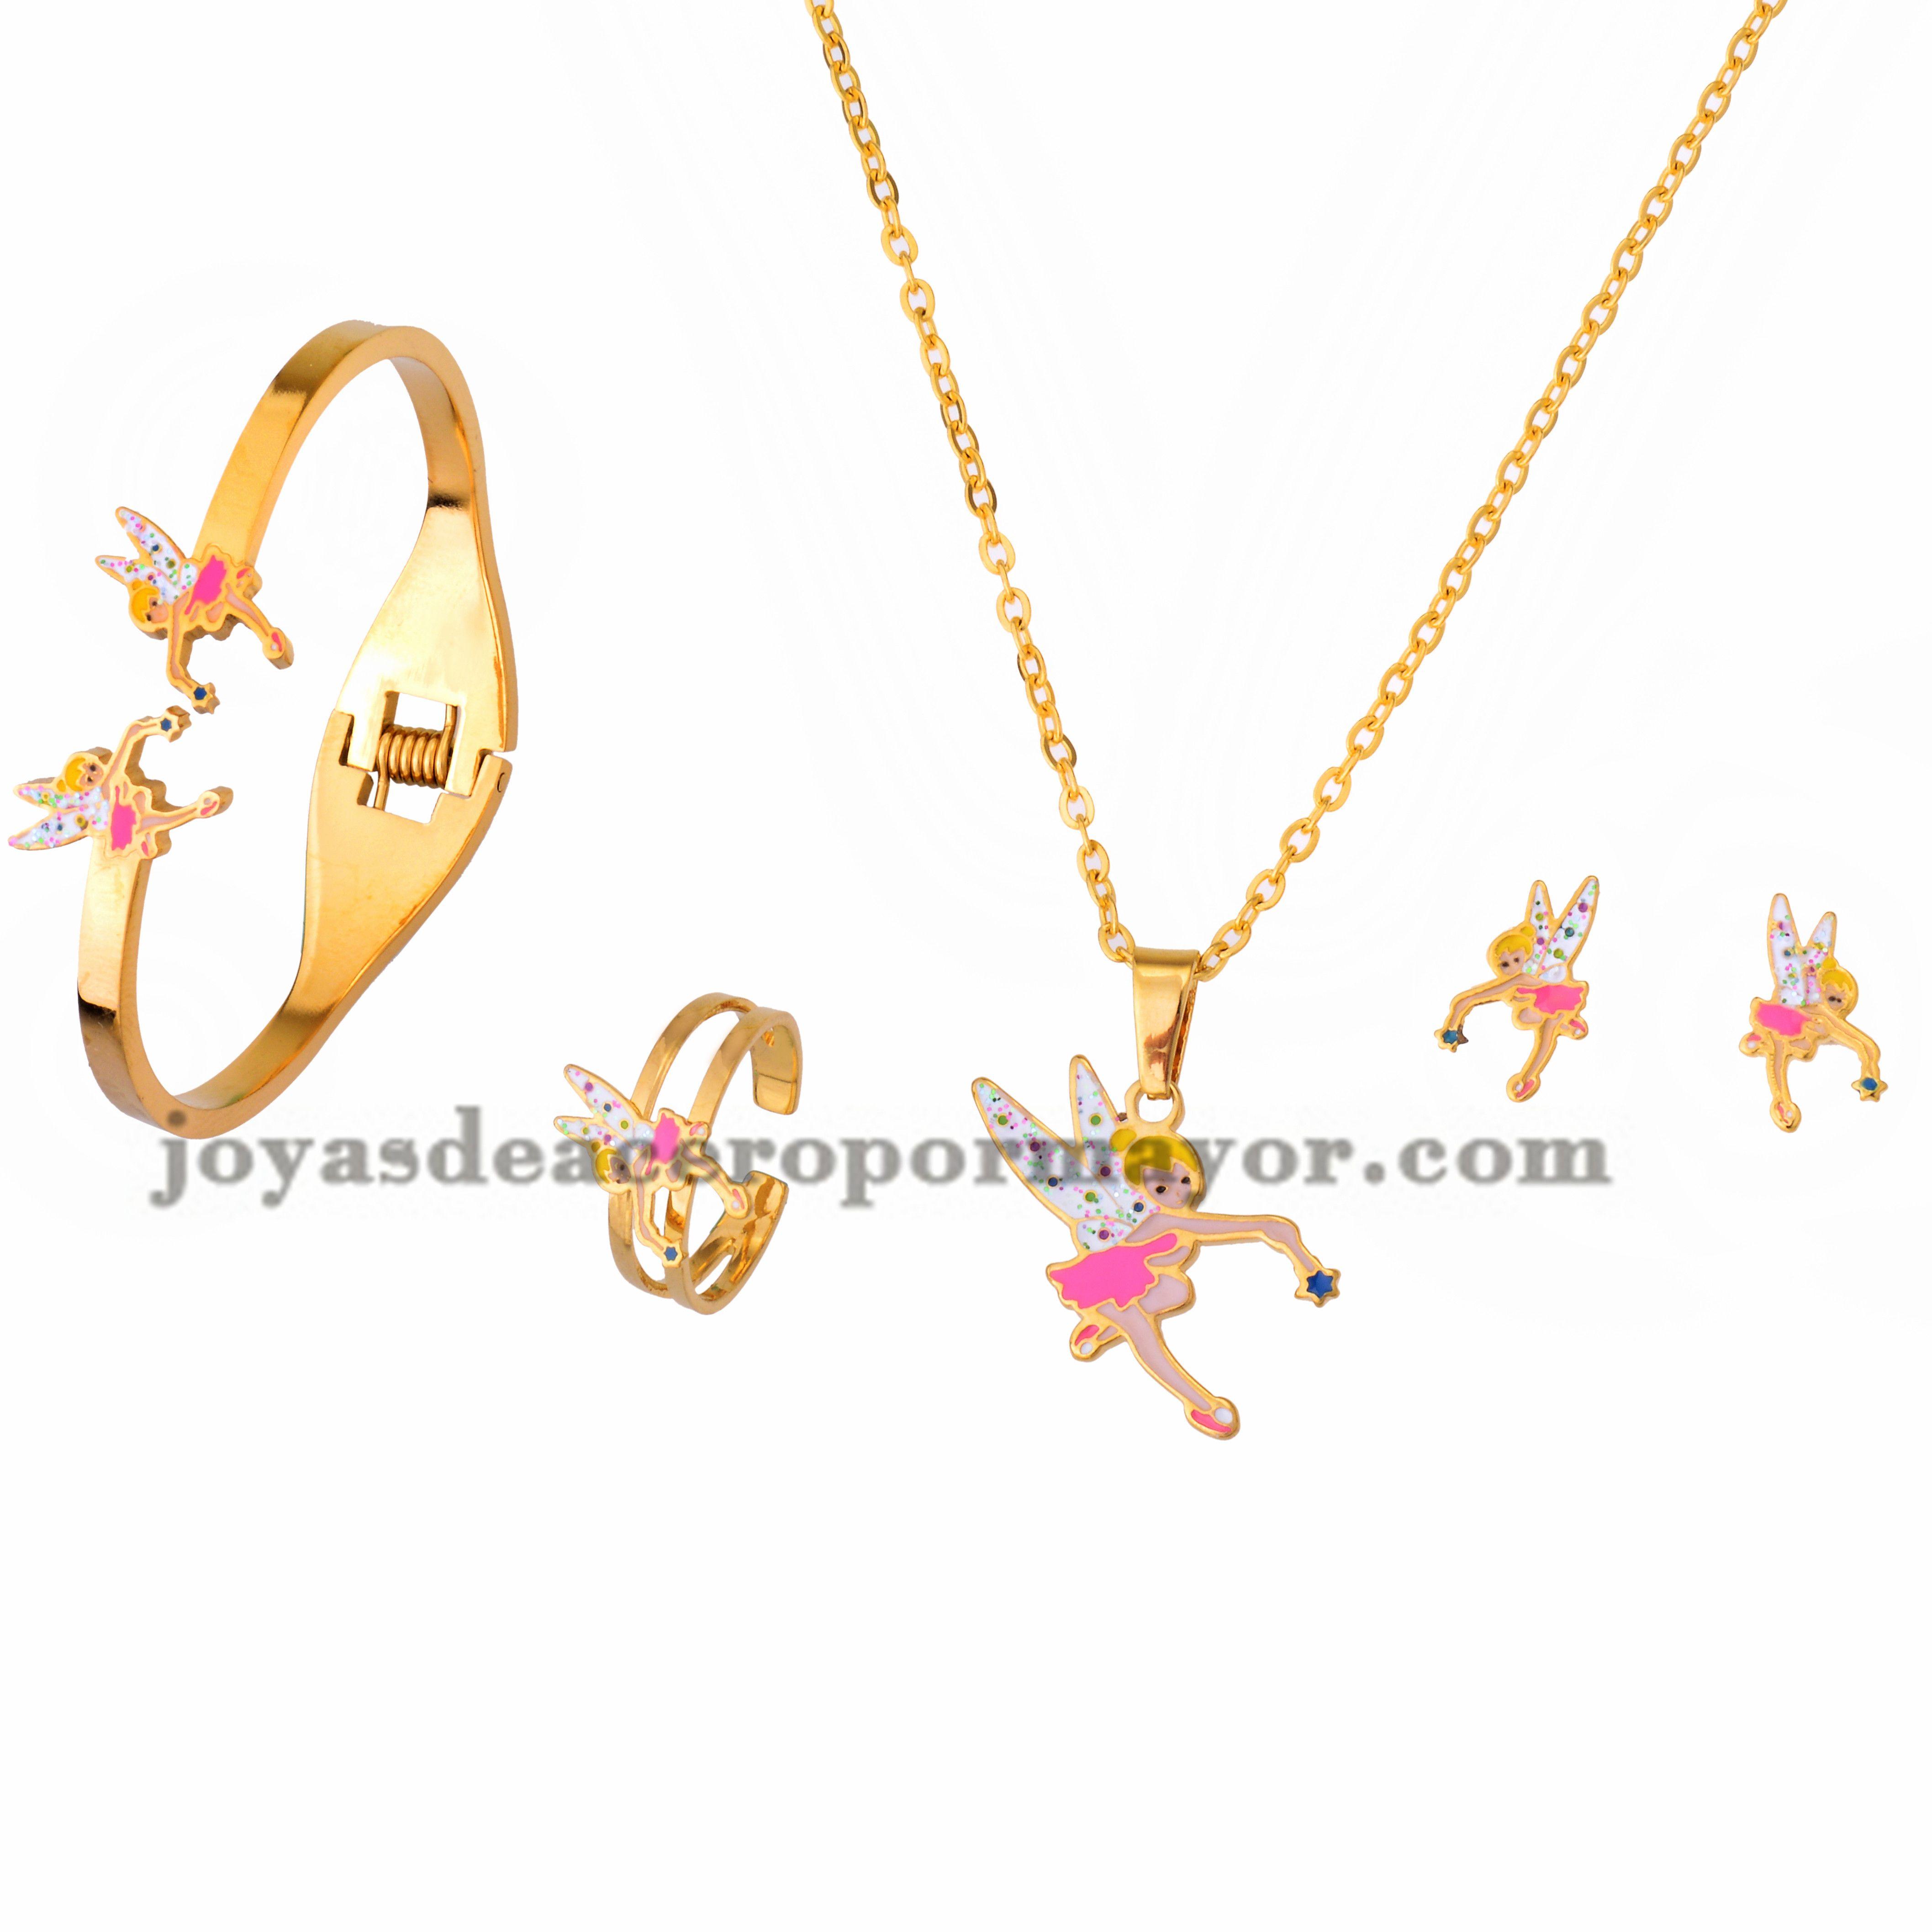 Collar Y Aretes Con Pulsera Y Anillo De Dibujo Animado De Dorado En Jewelry Gold Necklace